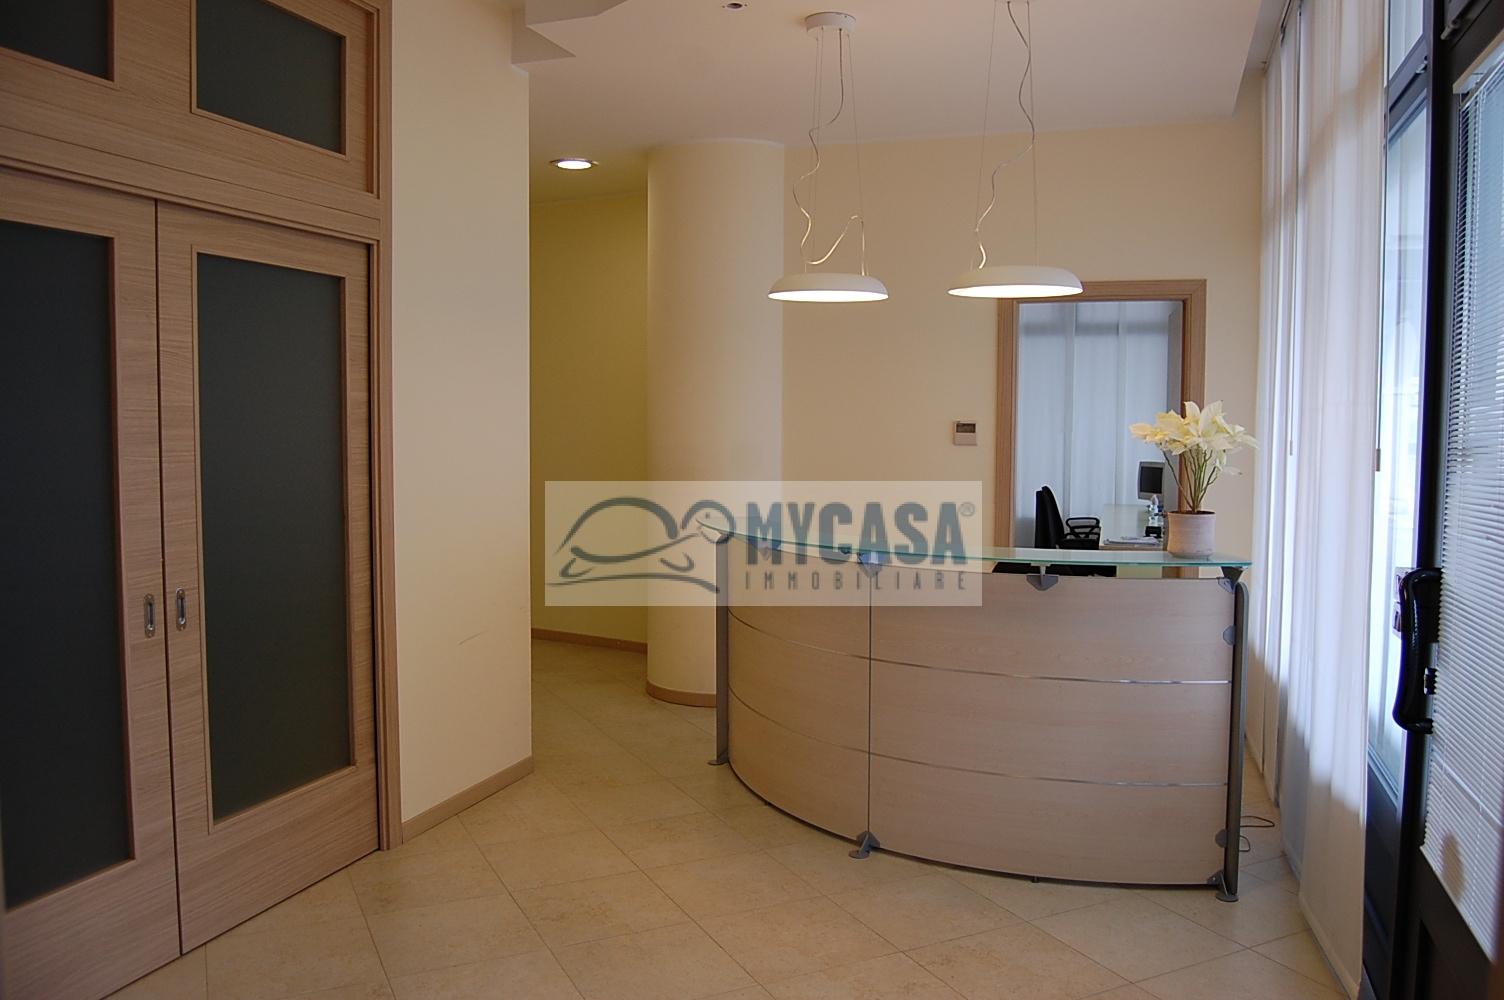 Ufficio / Studio in affitto a Saccolongo, 9999 locali, prezzo € 1.500 | Cambio Casa.it